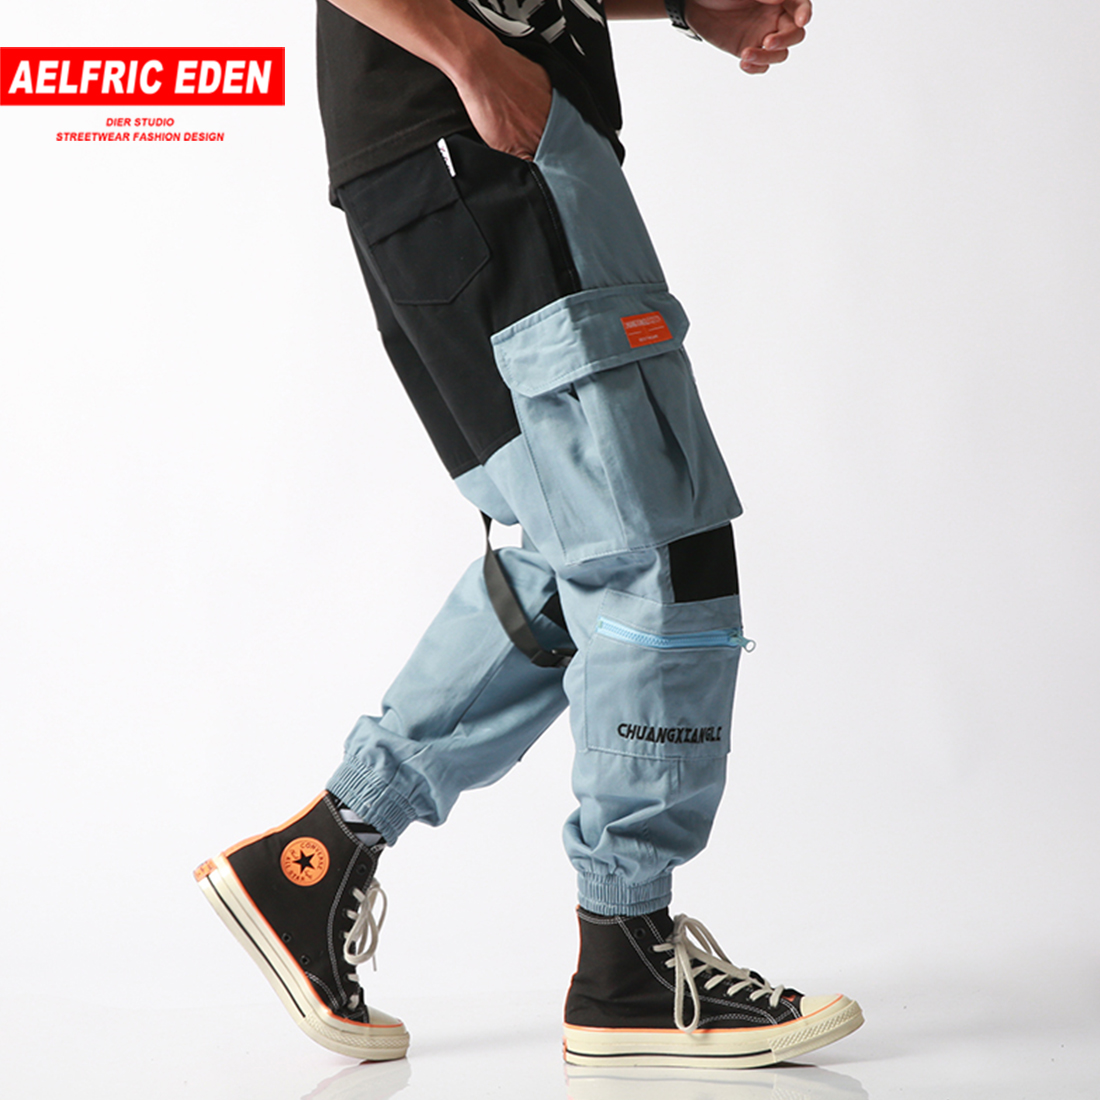 Aelfric Eden Cargo Pantaloni Degli Uomini 2019 Harajuku Streetwear Blocco Di Colore Tasche Harem Jogging Casual Pantaloni Di Skateboard Abbigliamento Sportivo Stile (In) Alla Moda;